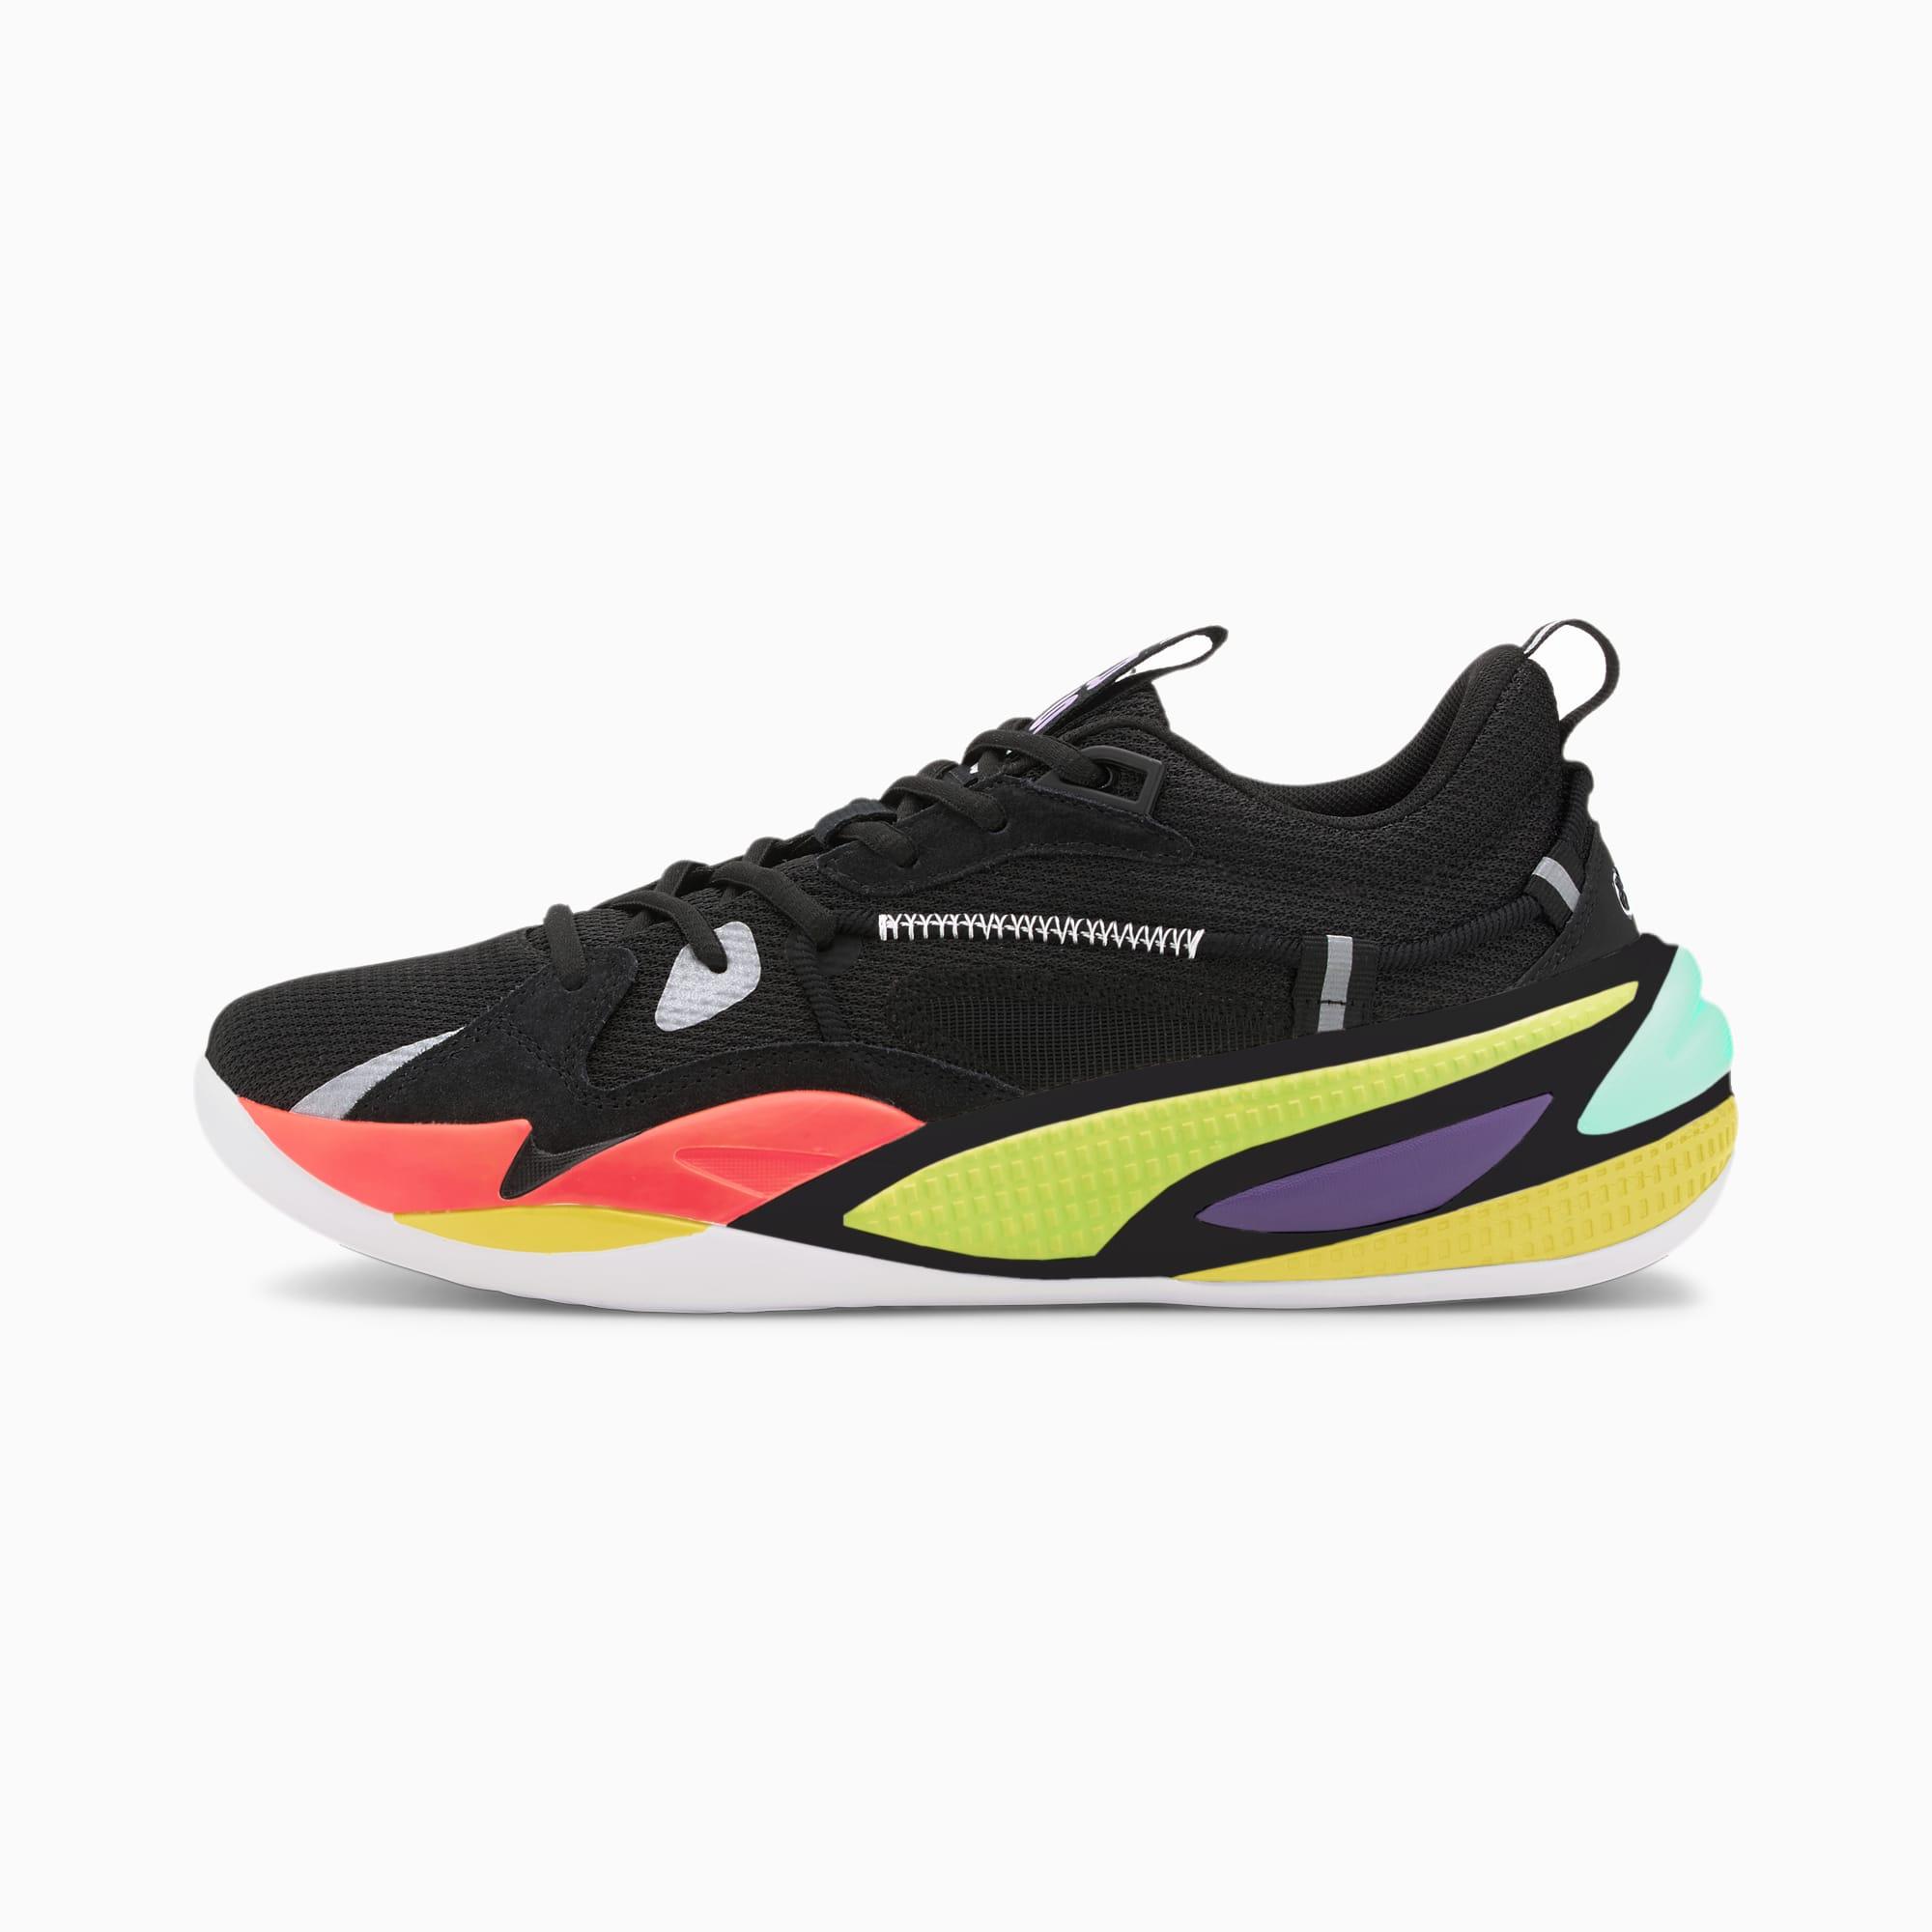 PUMA Chaussure de basket RS-Dreamer Proto, Noir/Rouge, Taille 44.5, Chaussures